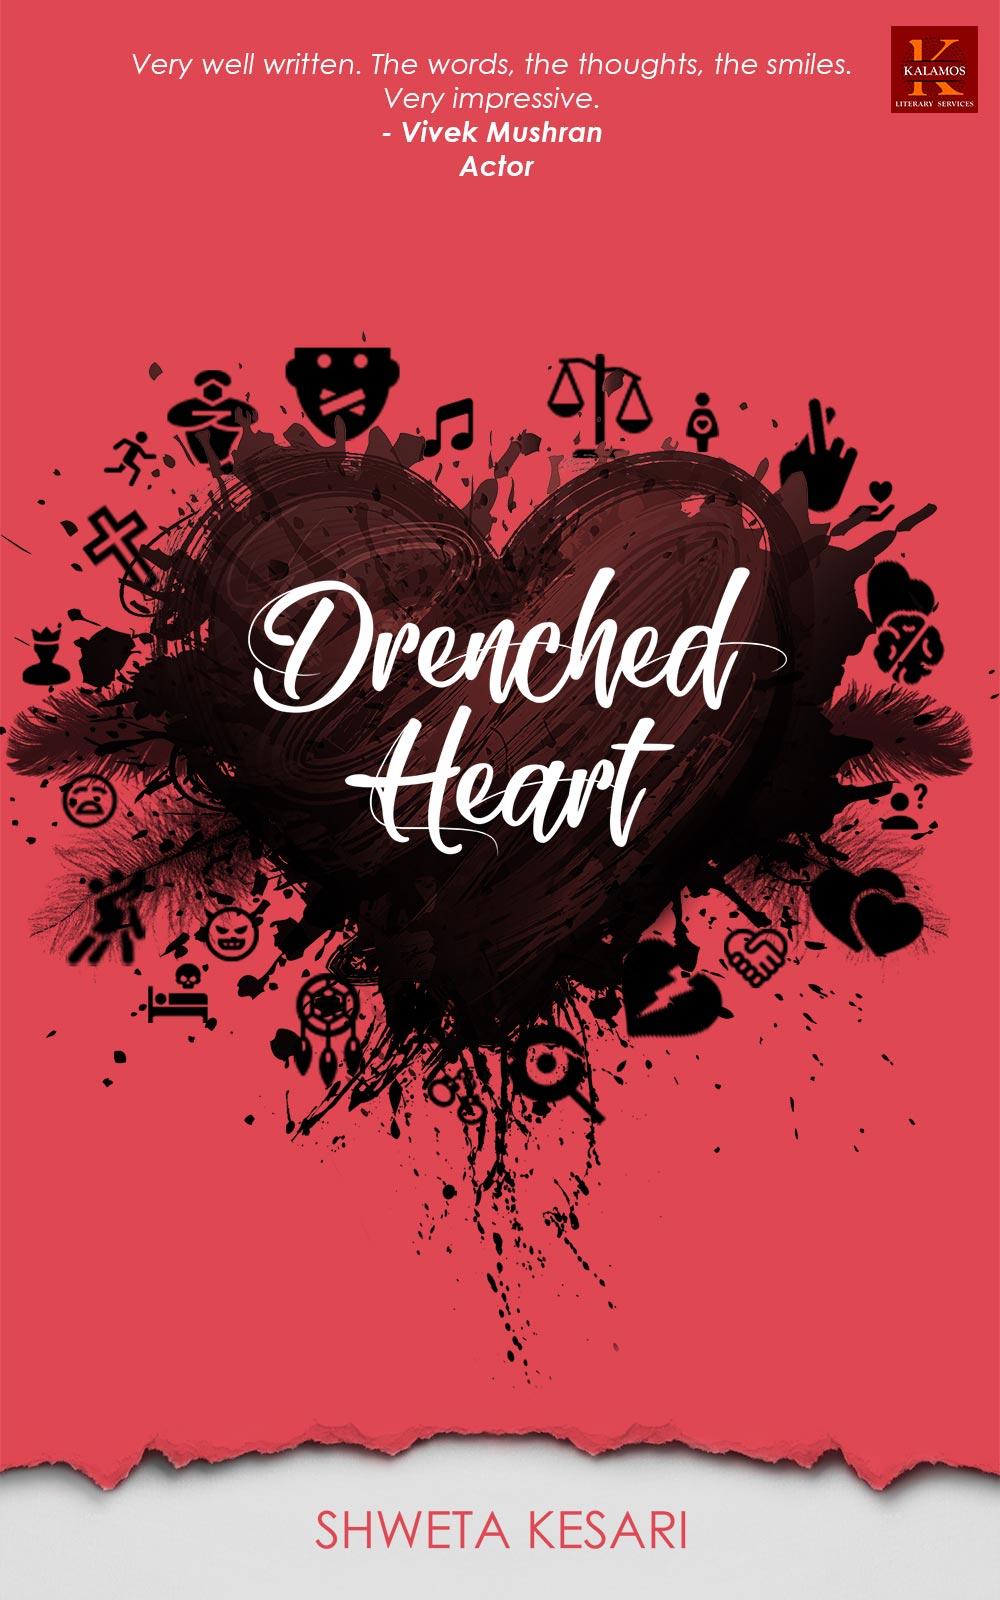 Drenched Hearts By Shweta Kesari